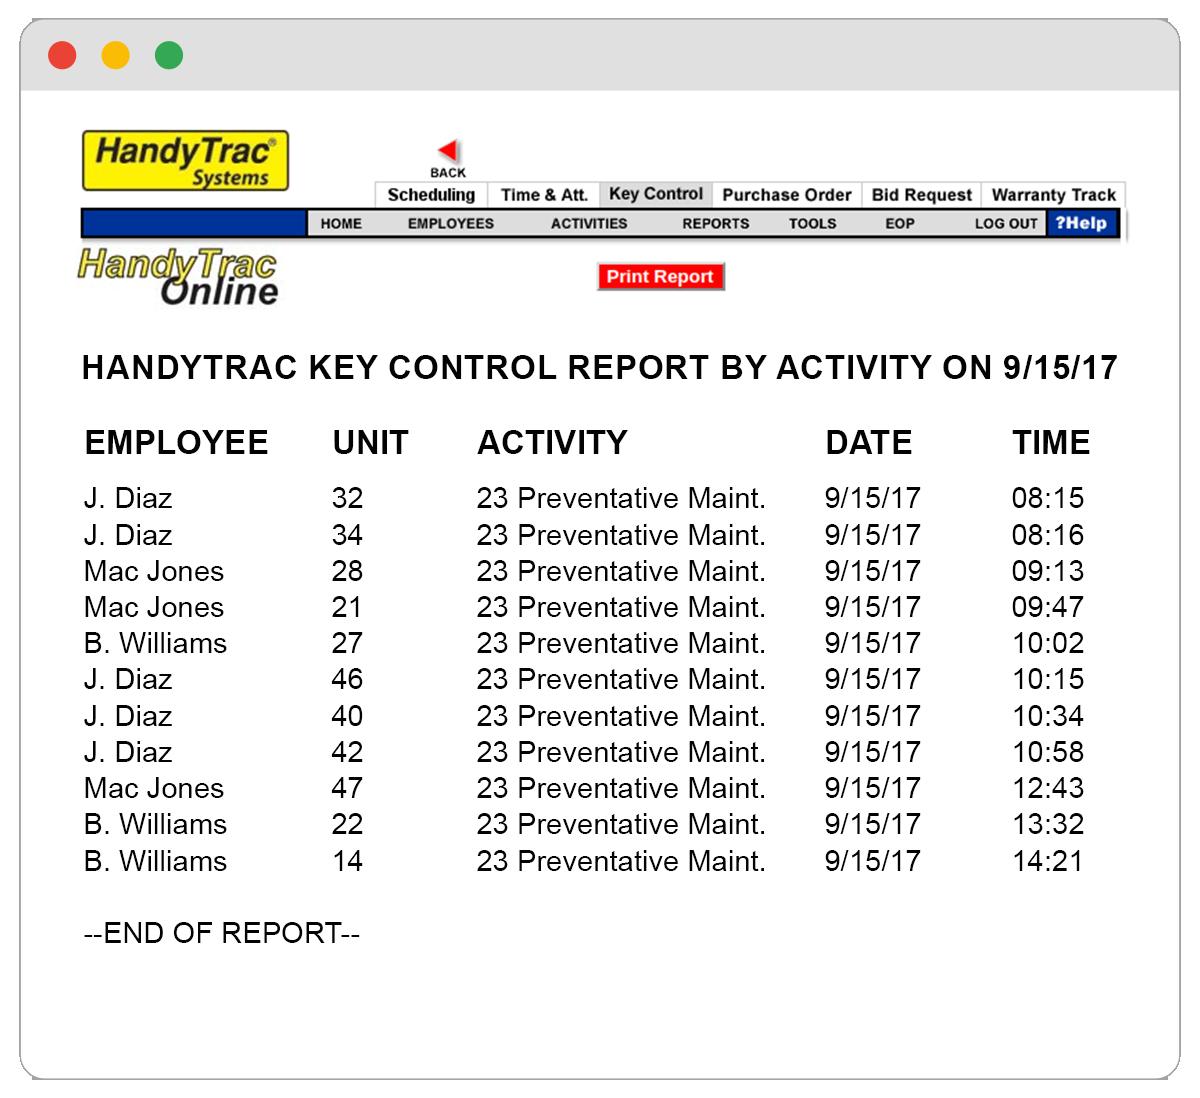 HandyTrac Key Control